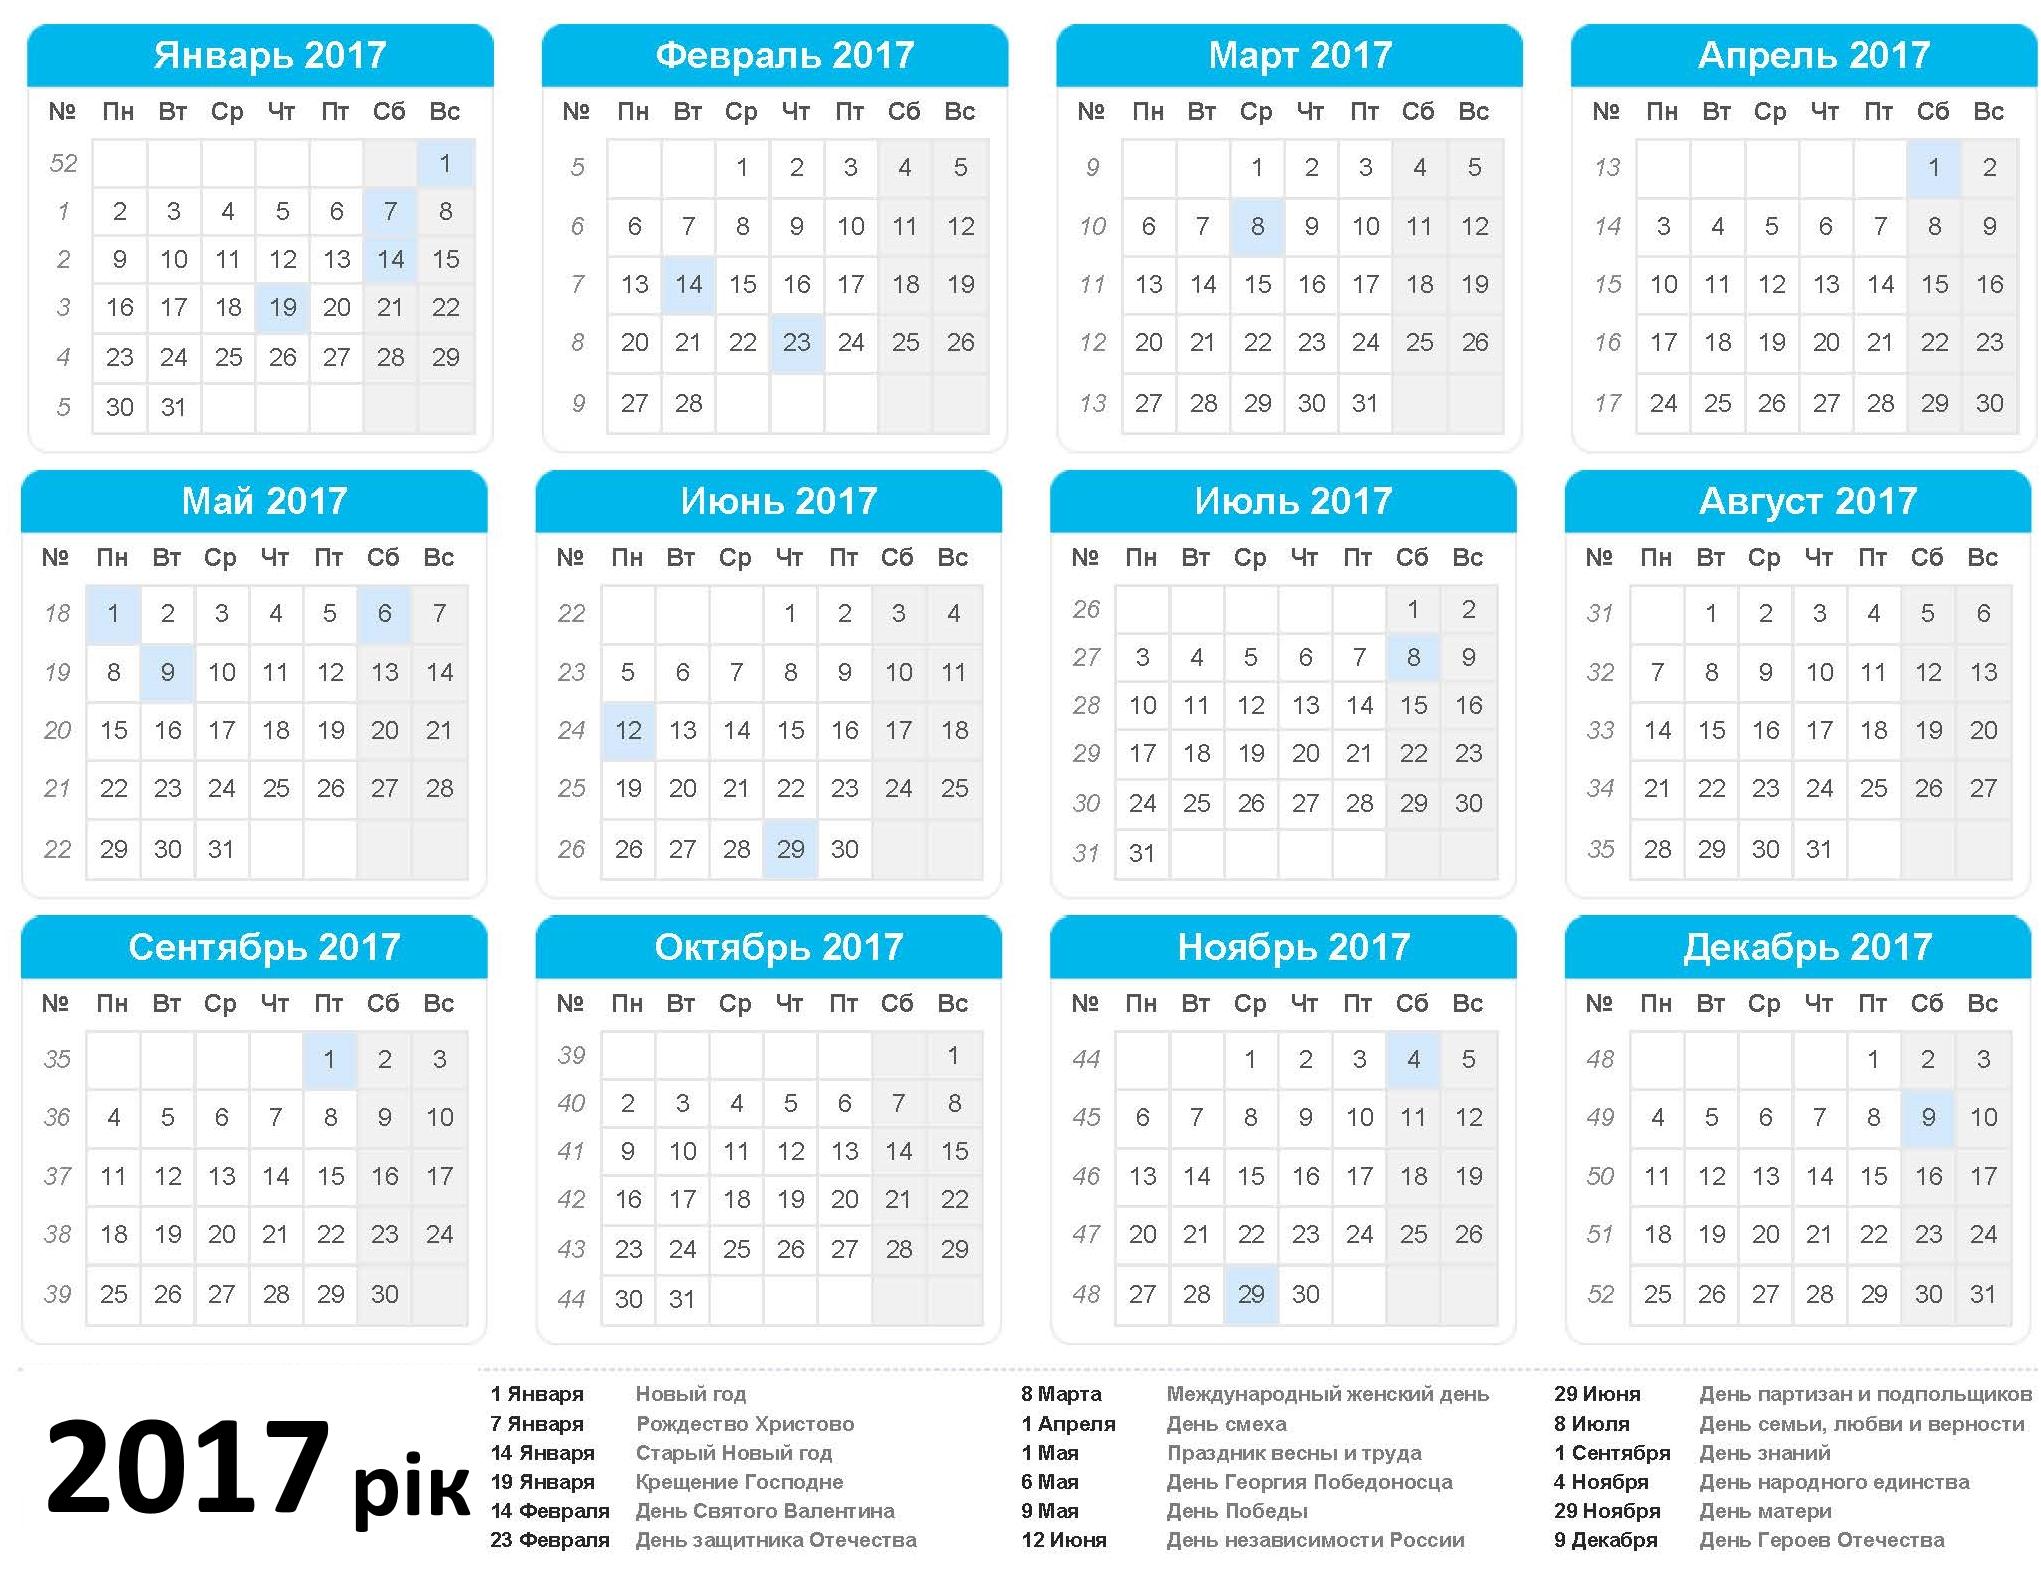 Православний церковний календар на 2017 рік